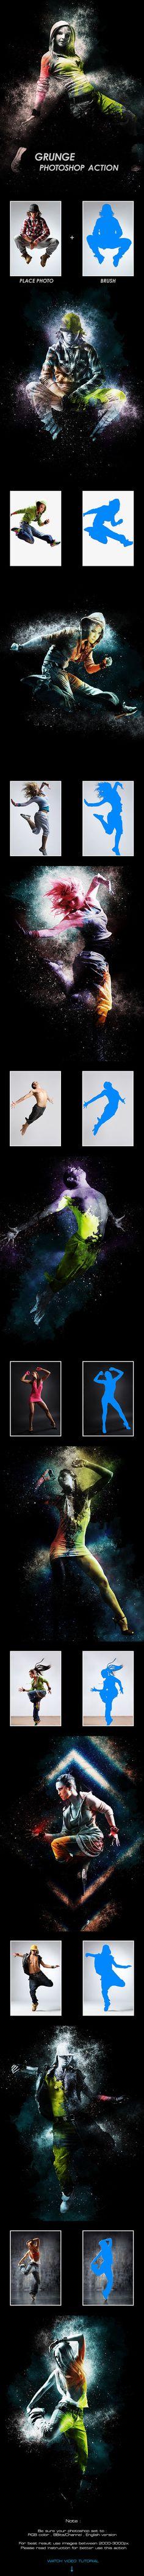 Grunge - Photoshop Action #photoeffect Download: http://graphicriver.net/item/grunge-photoshop-action/13697691?ref=ksioks